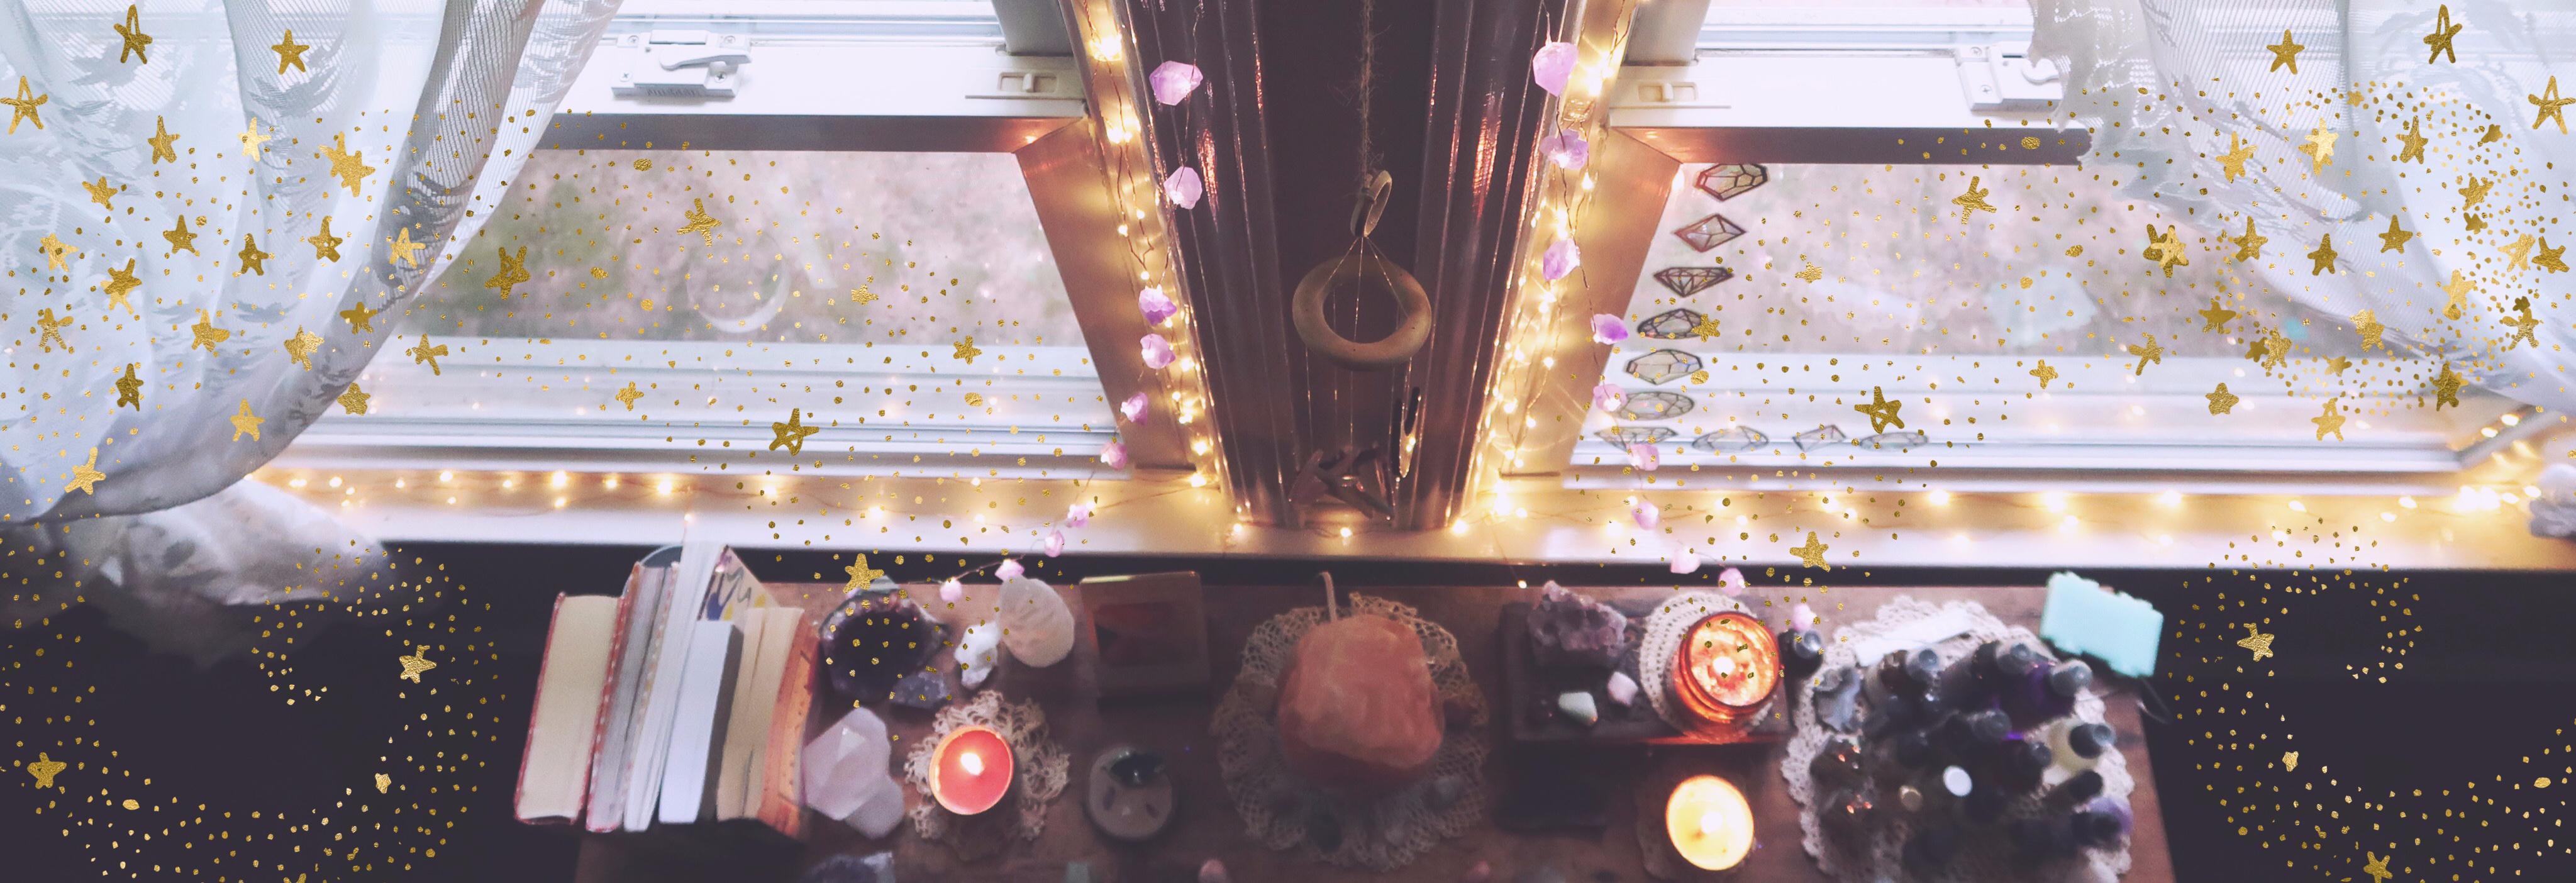 Dwell In Magic self care space